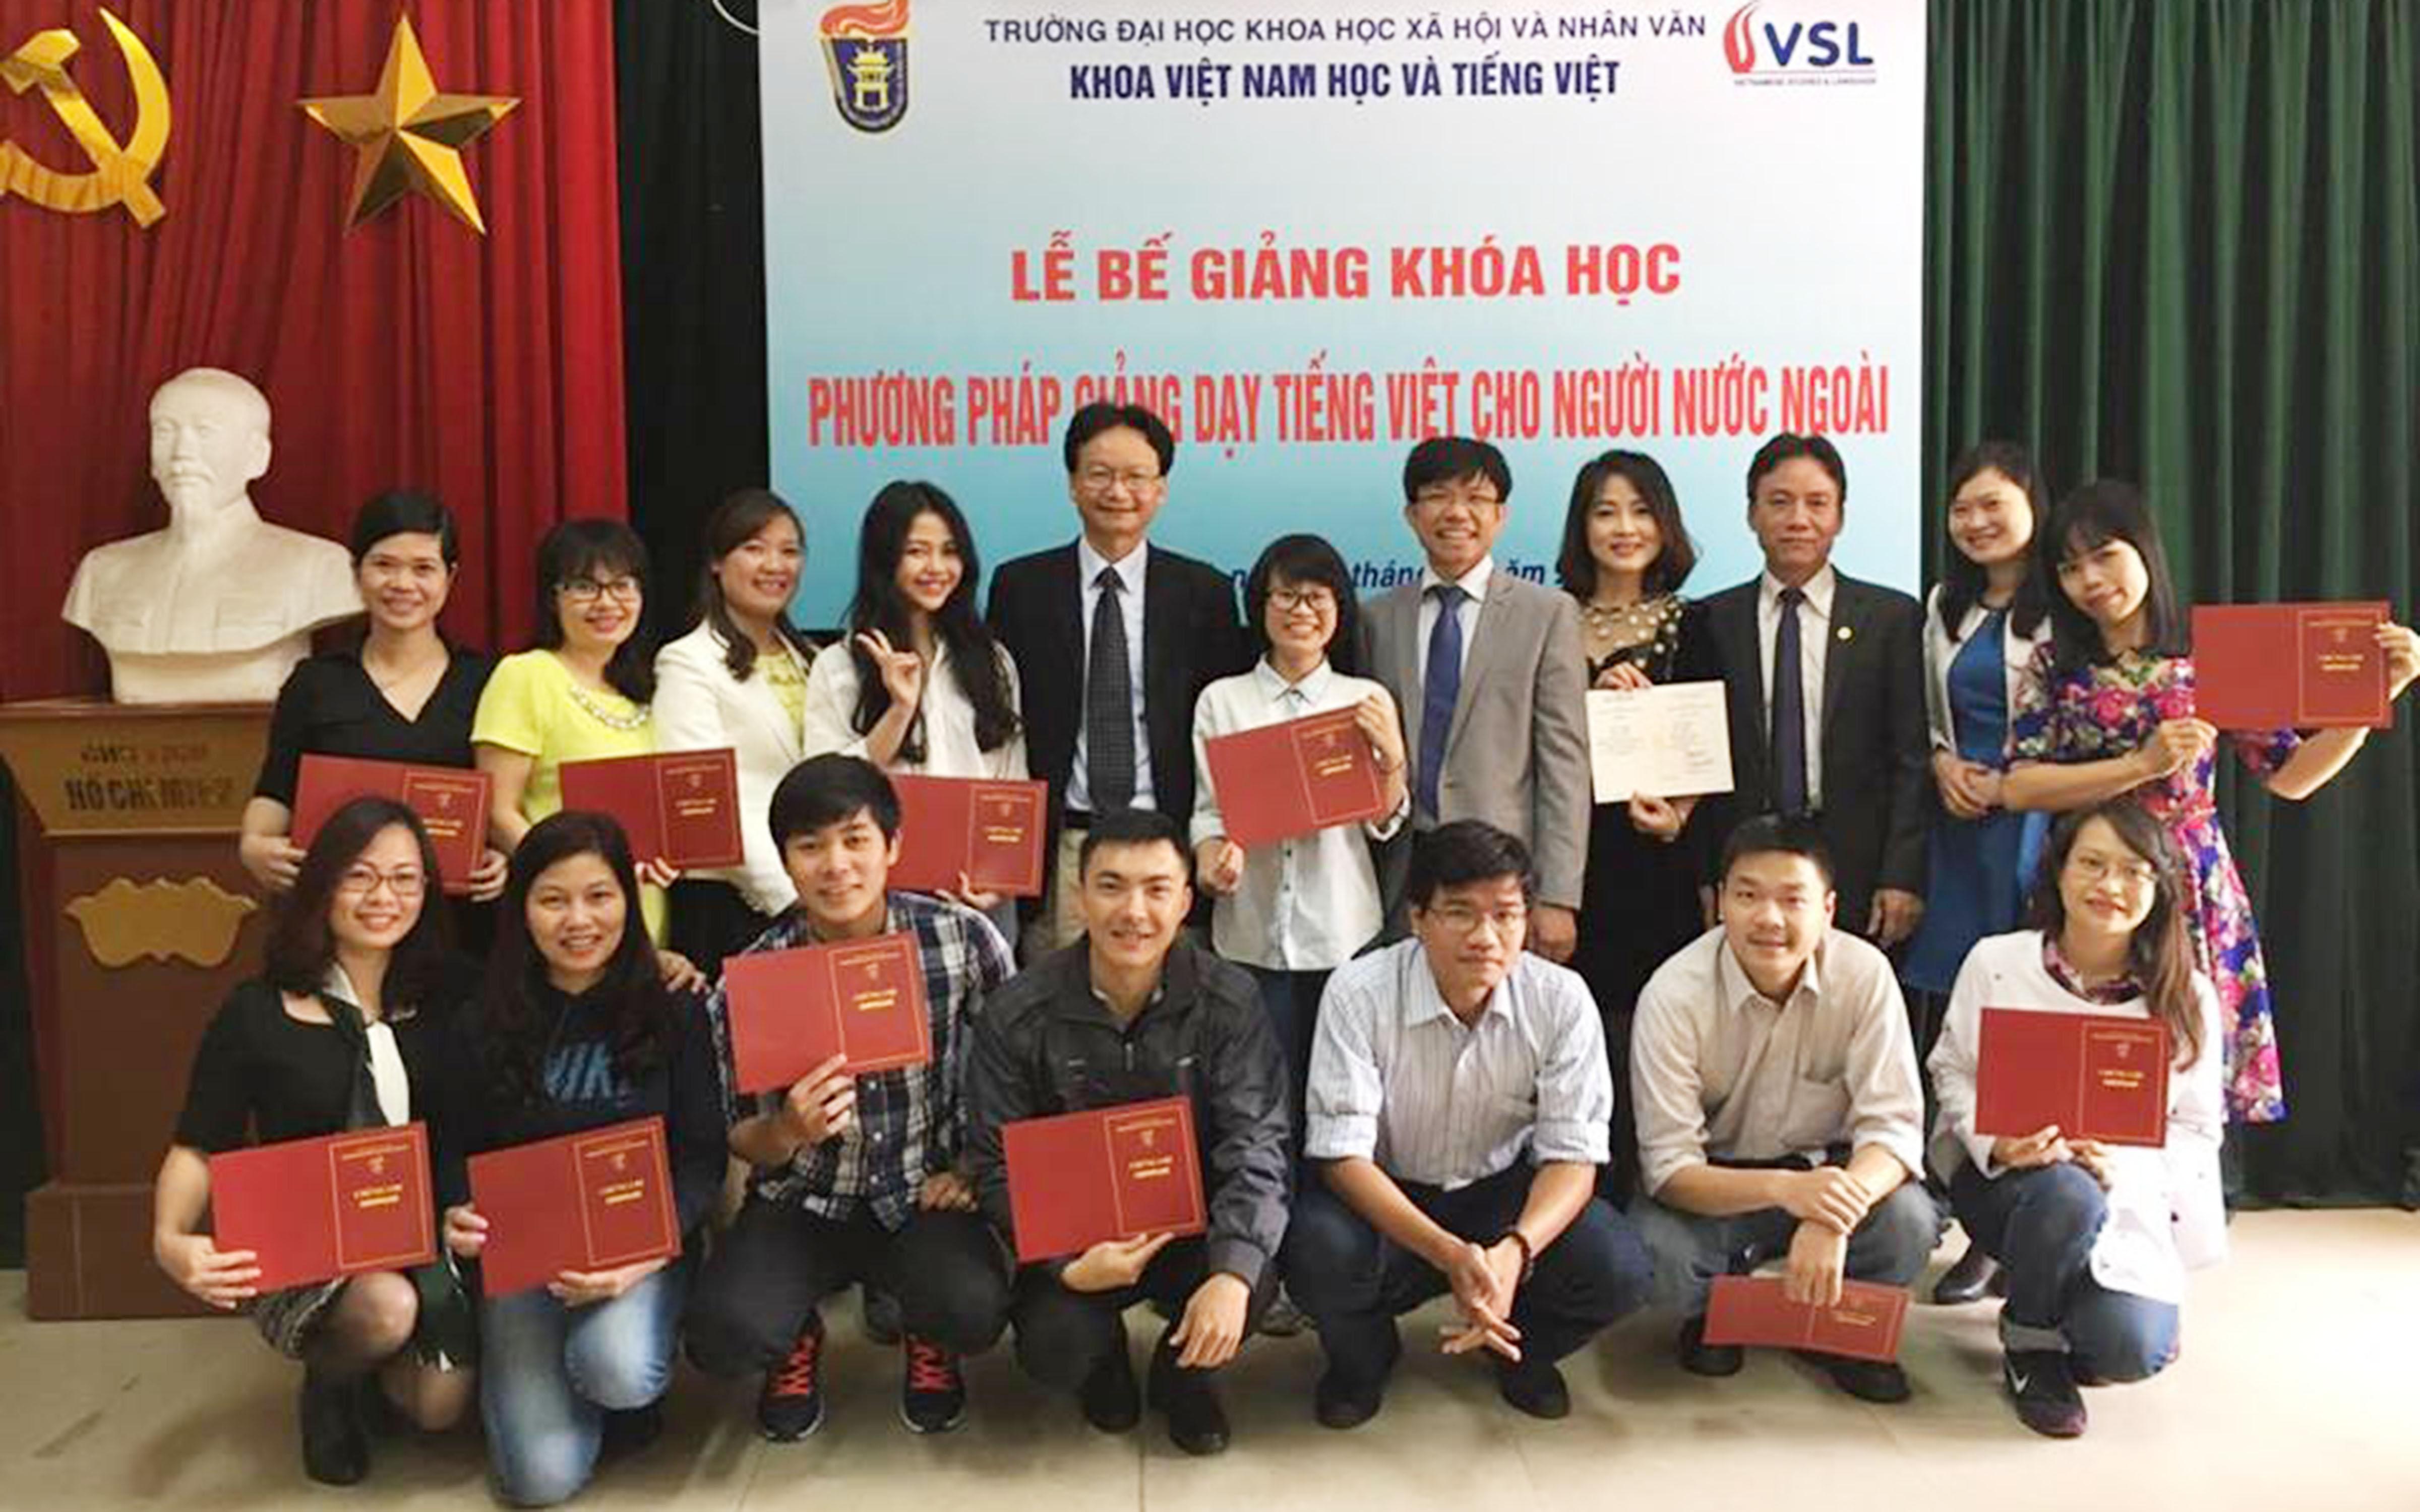 """Bế giảng khóa học """"Phương pháp giảng dạy tiếng Việt cho người nước ngoài"""""""